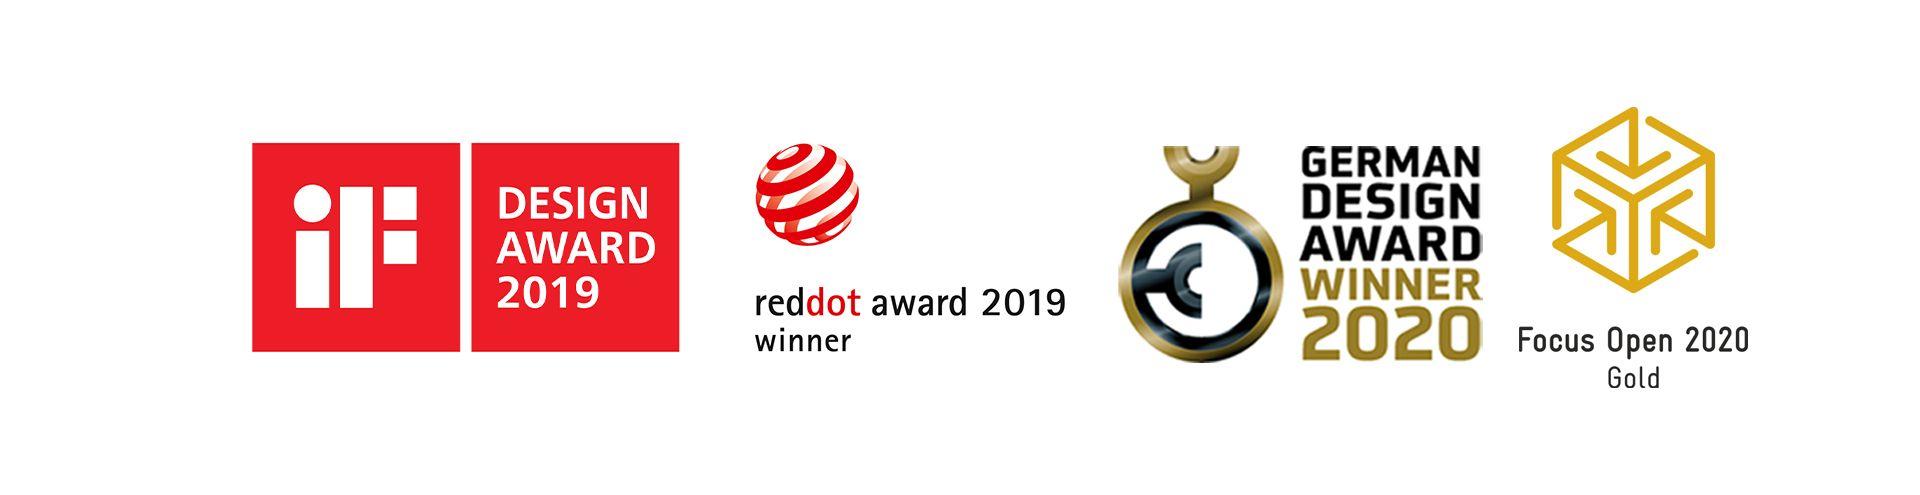 marLED® X Design Award